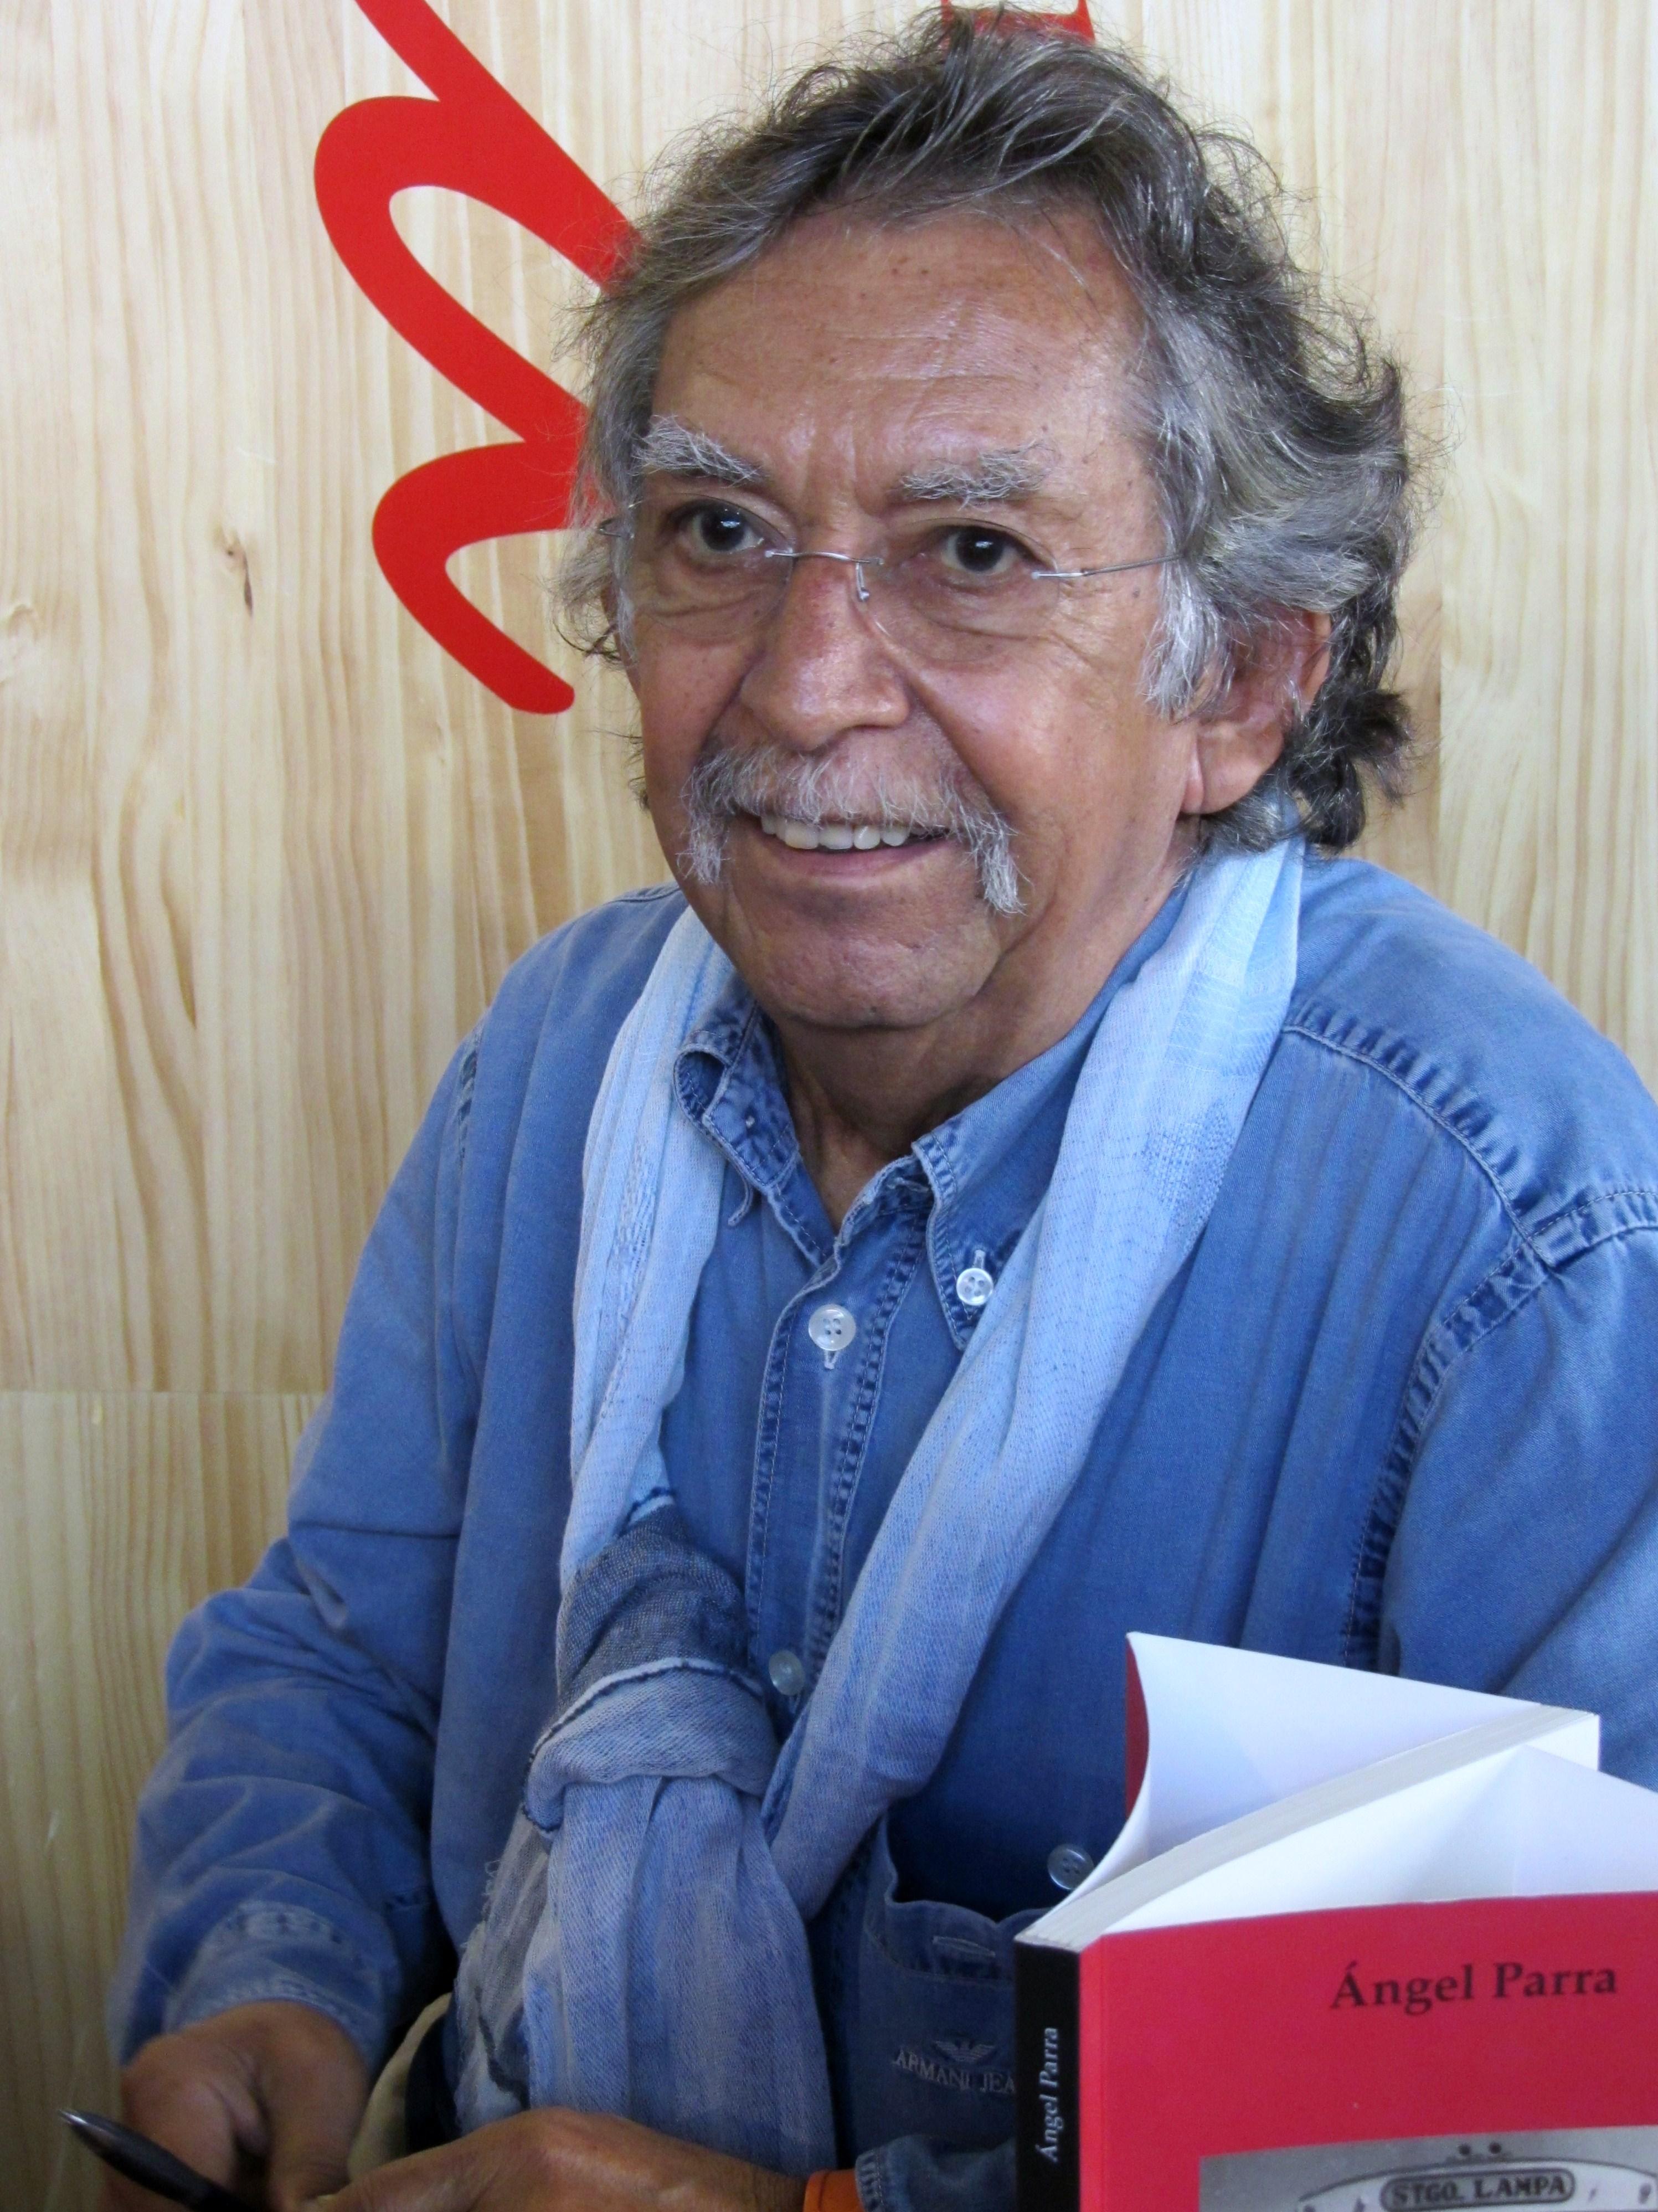 Ángel Parra en la Feria Internacional del Libro de Santiago